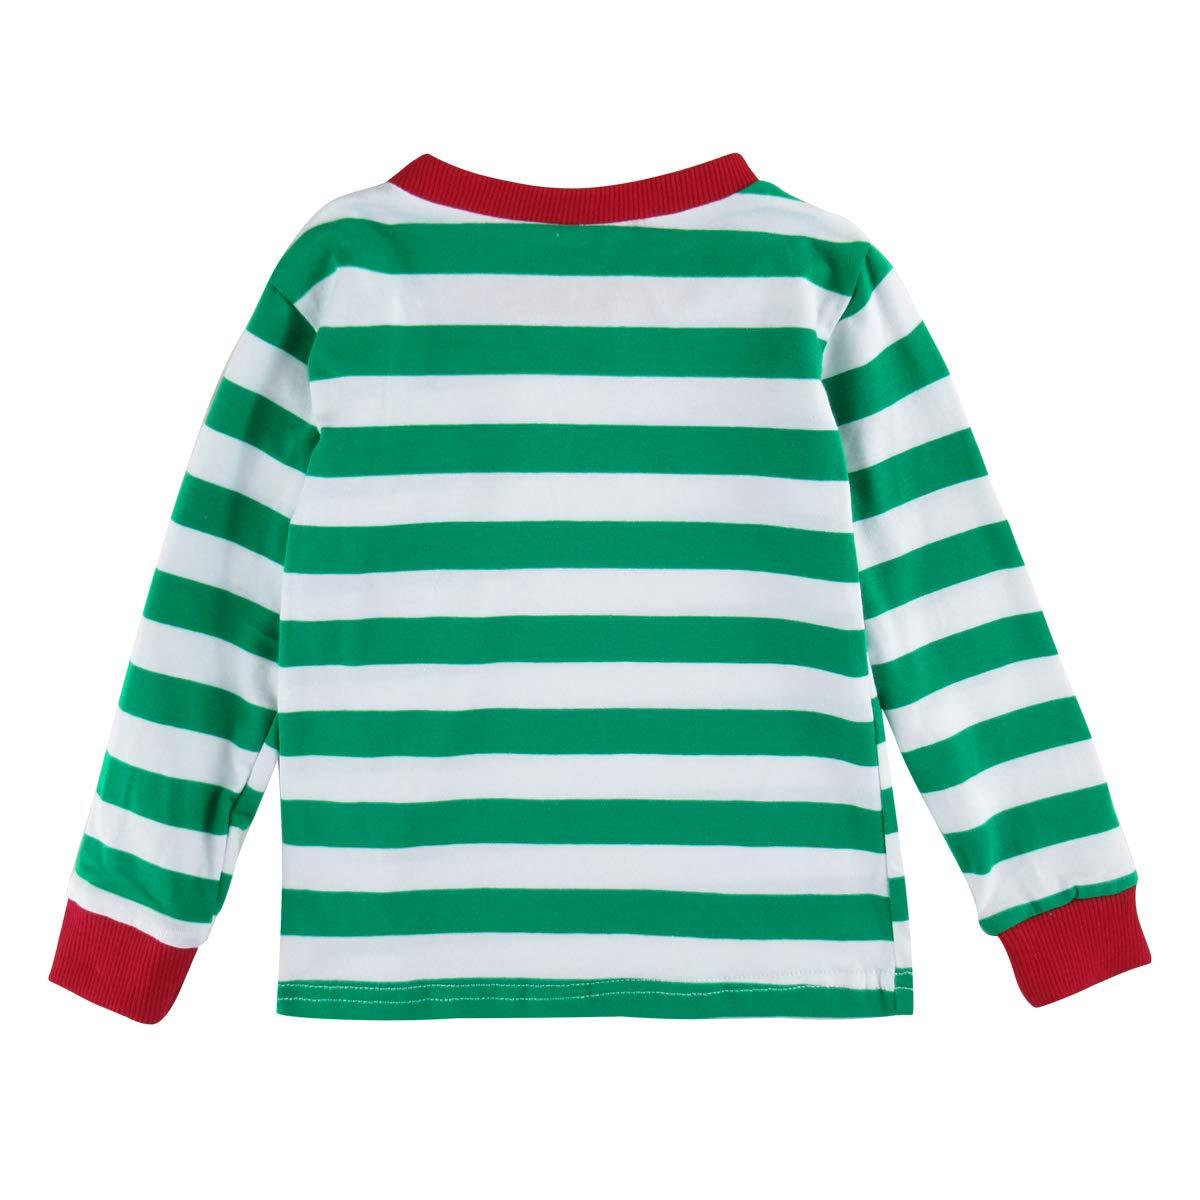 COSLAND Kids Boys Christmas Pajamas 100/% Cotton Sleepwear